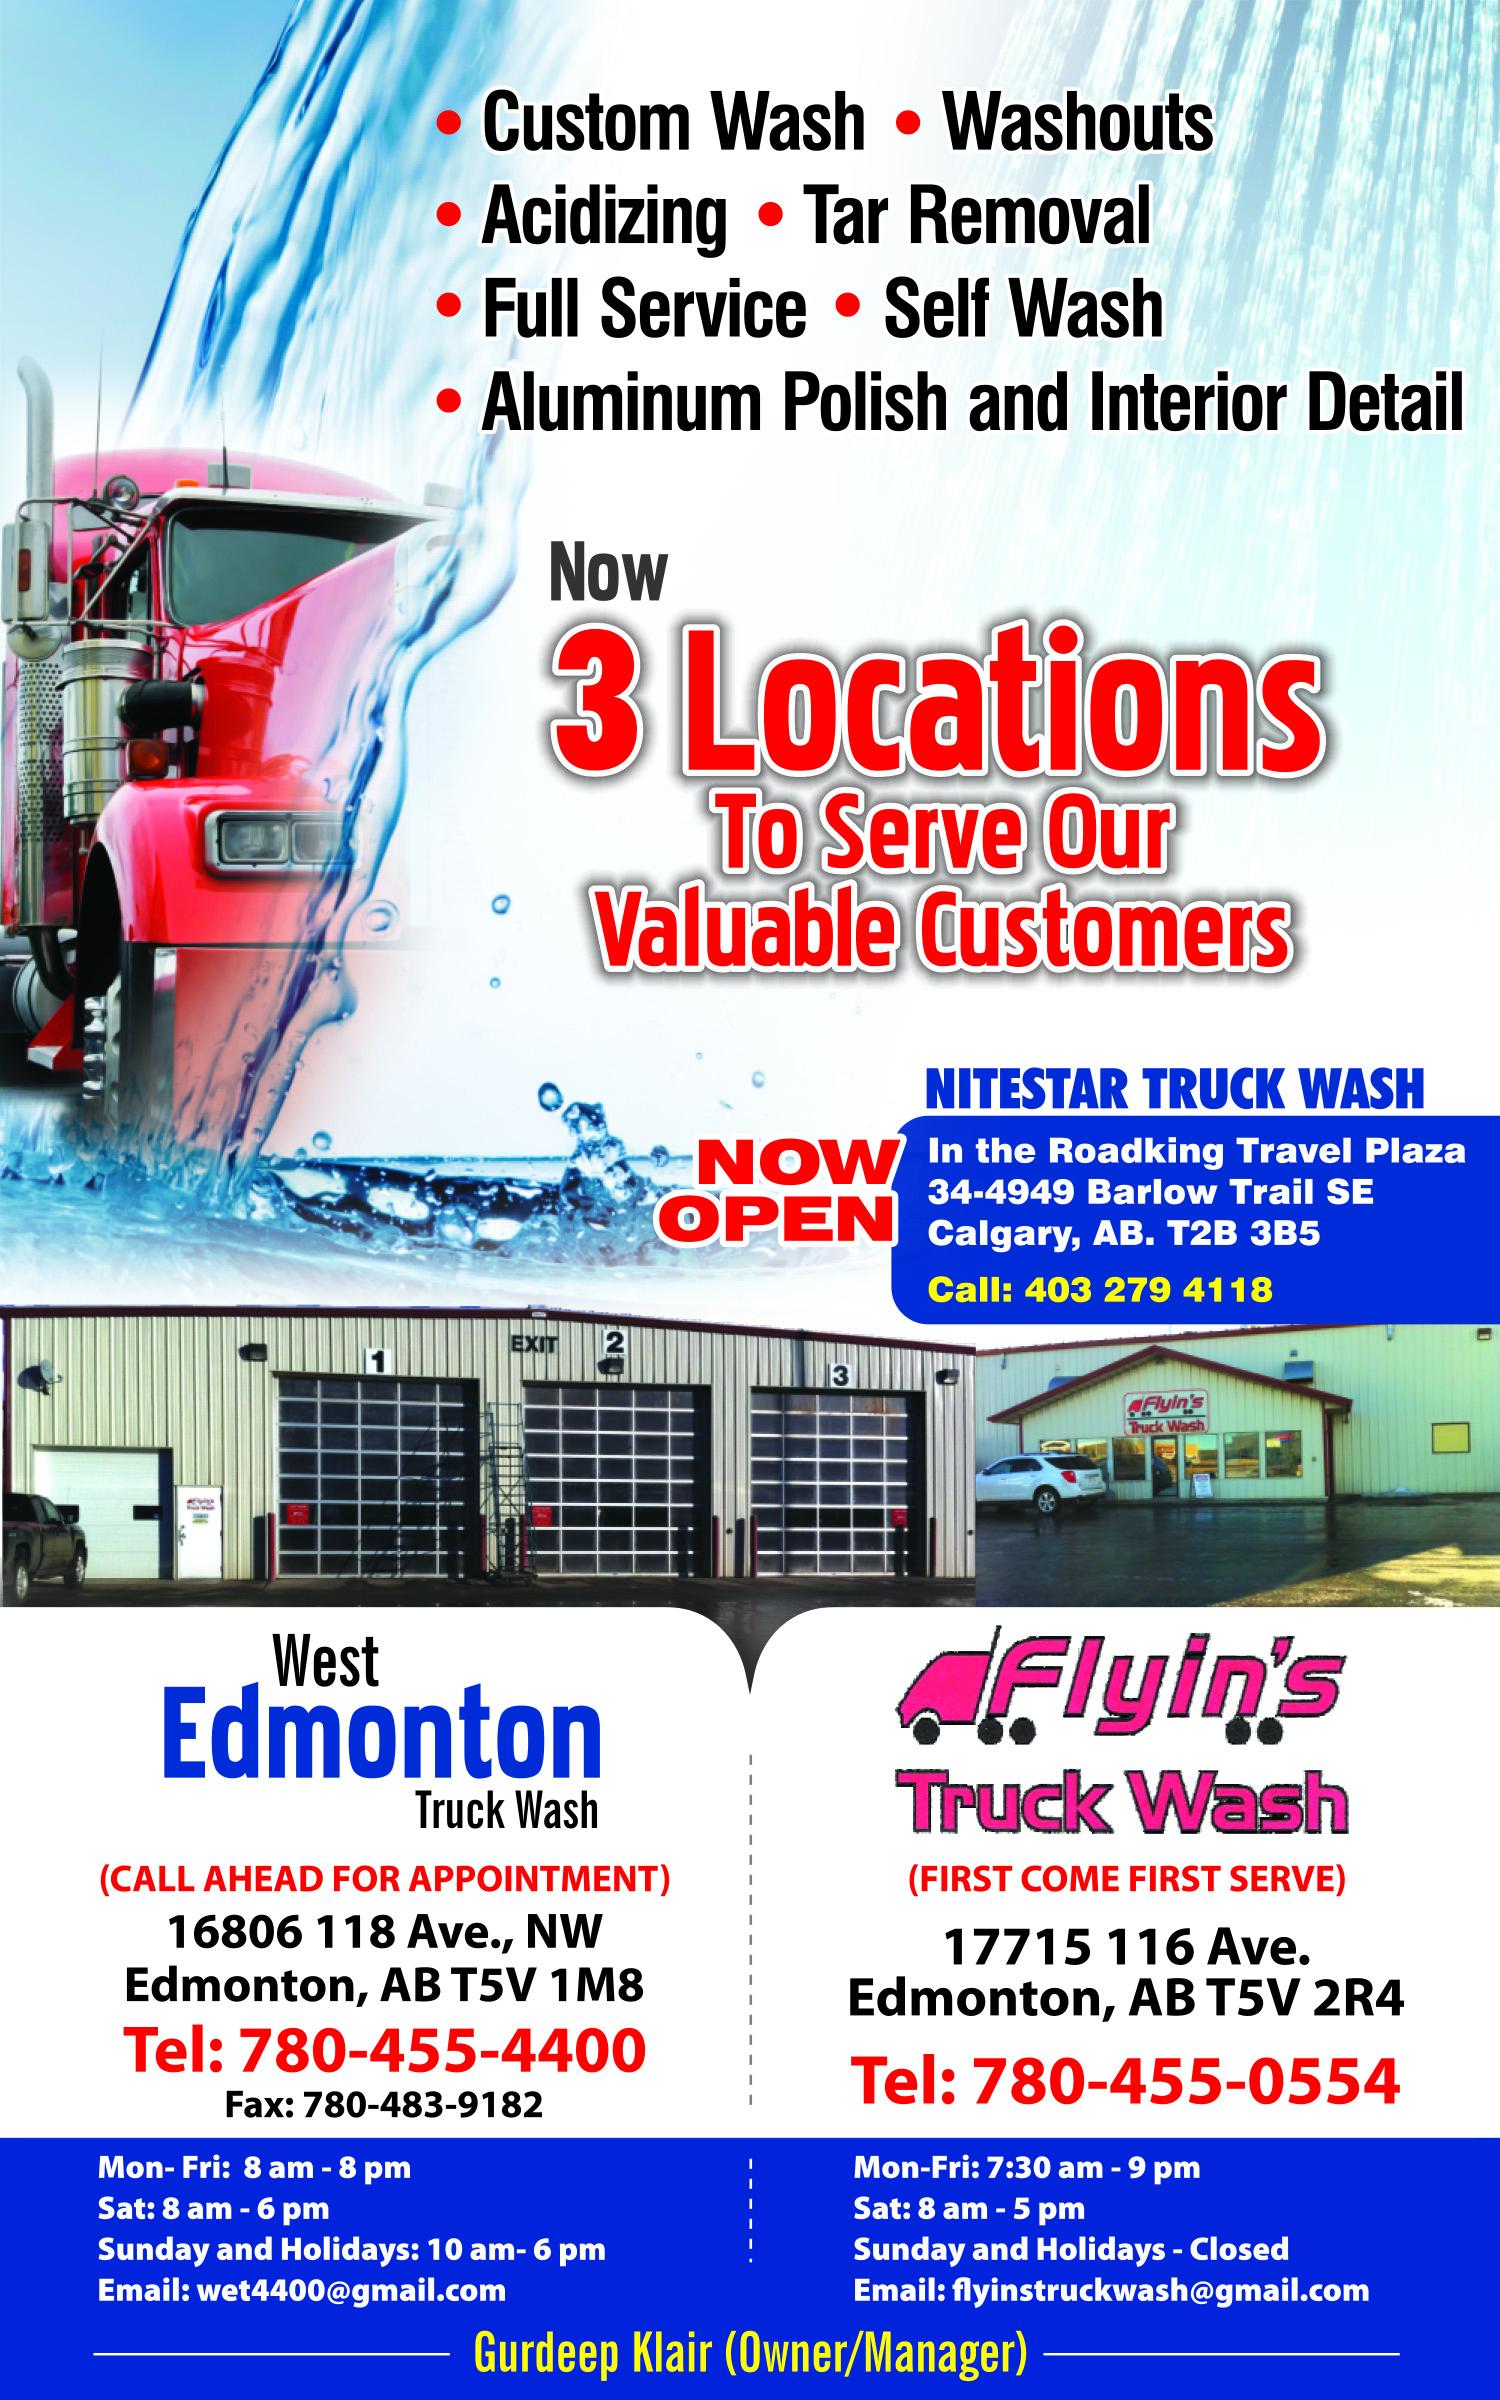 west-edmonton-truckwash-ejYCB8a.jpeg